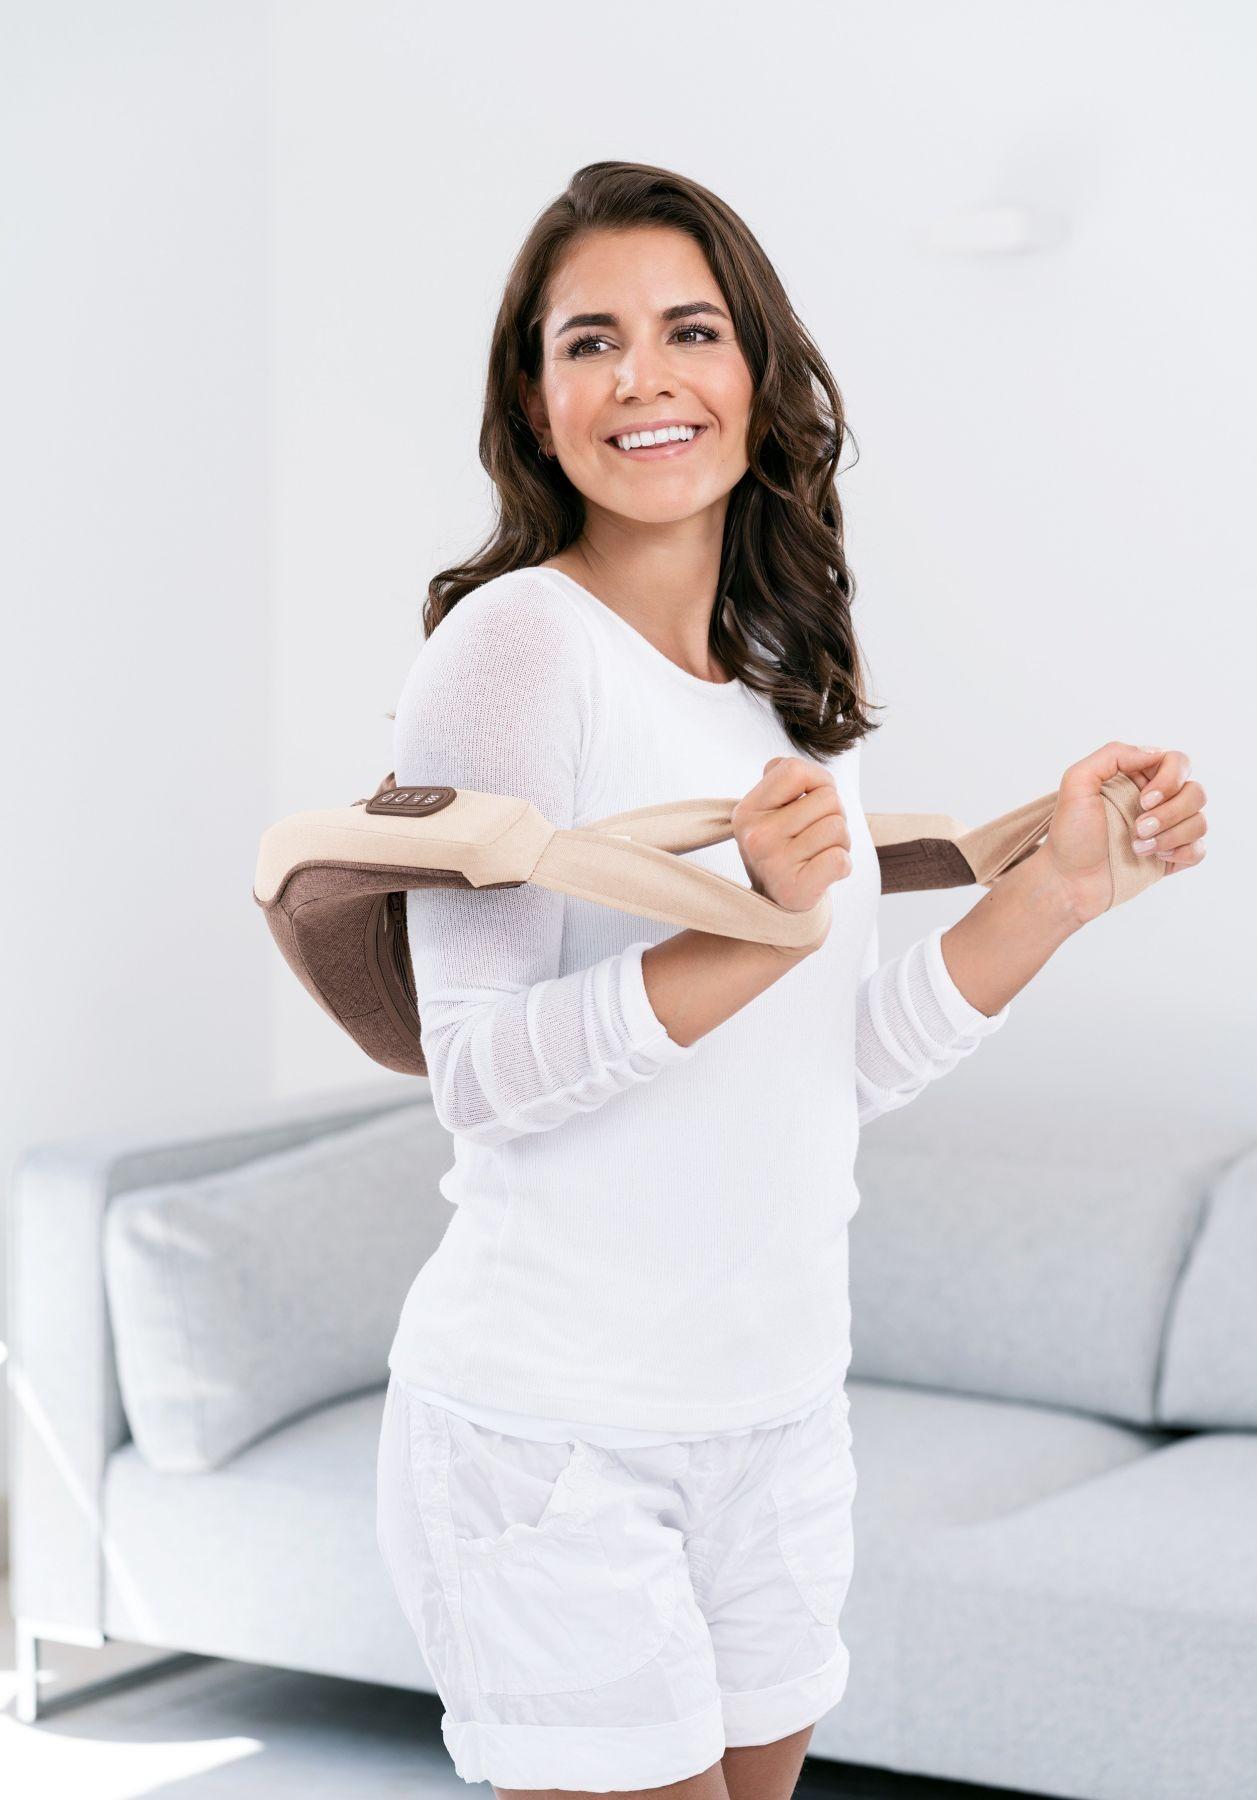 Массажер beurer mg 153 отекает правая сторона тела рука и нога